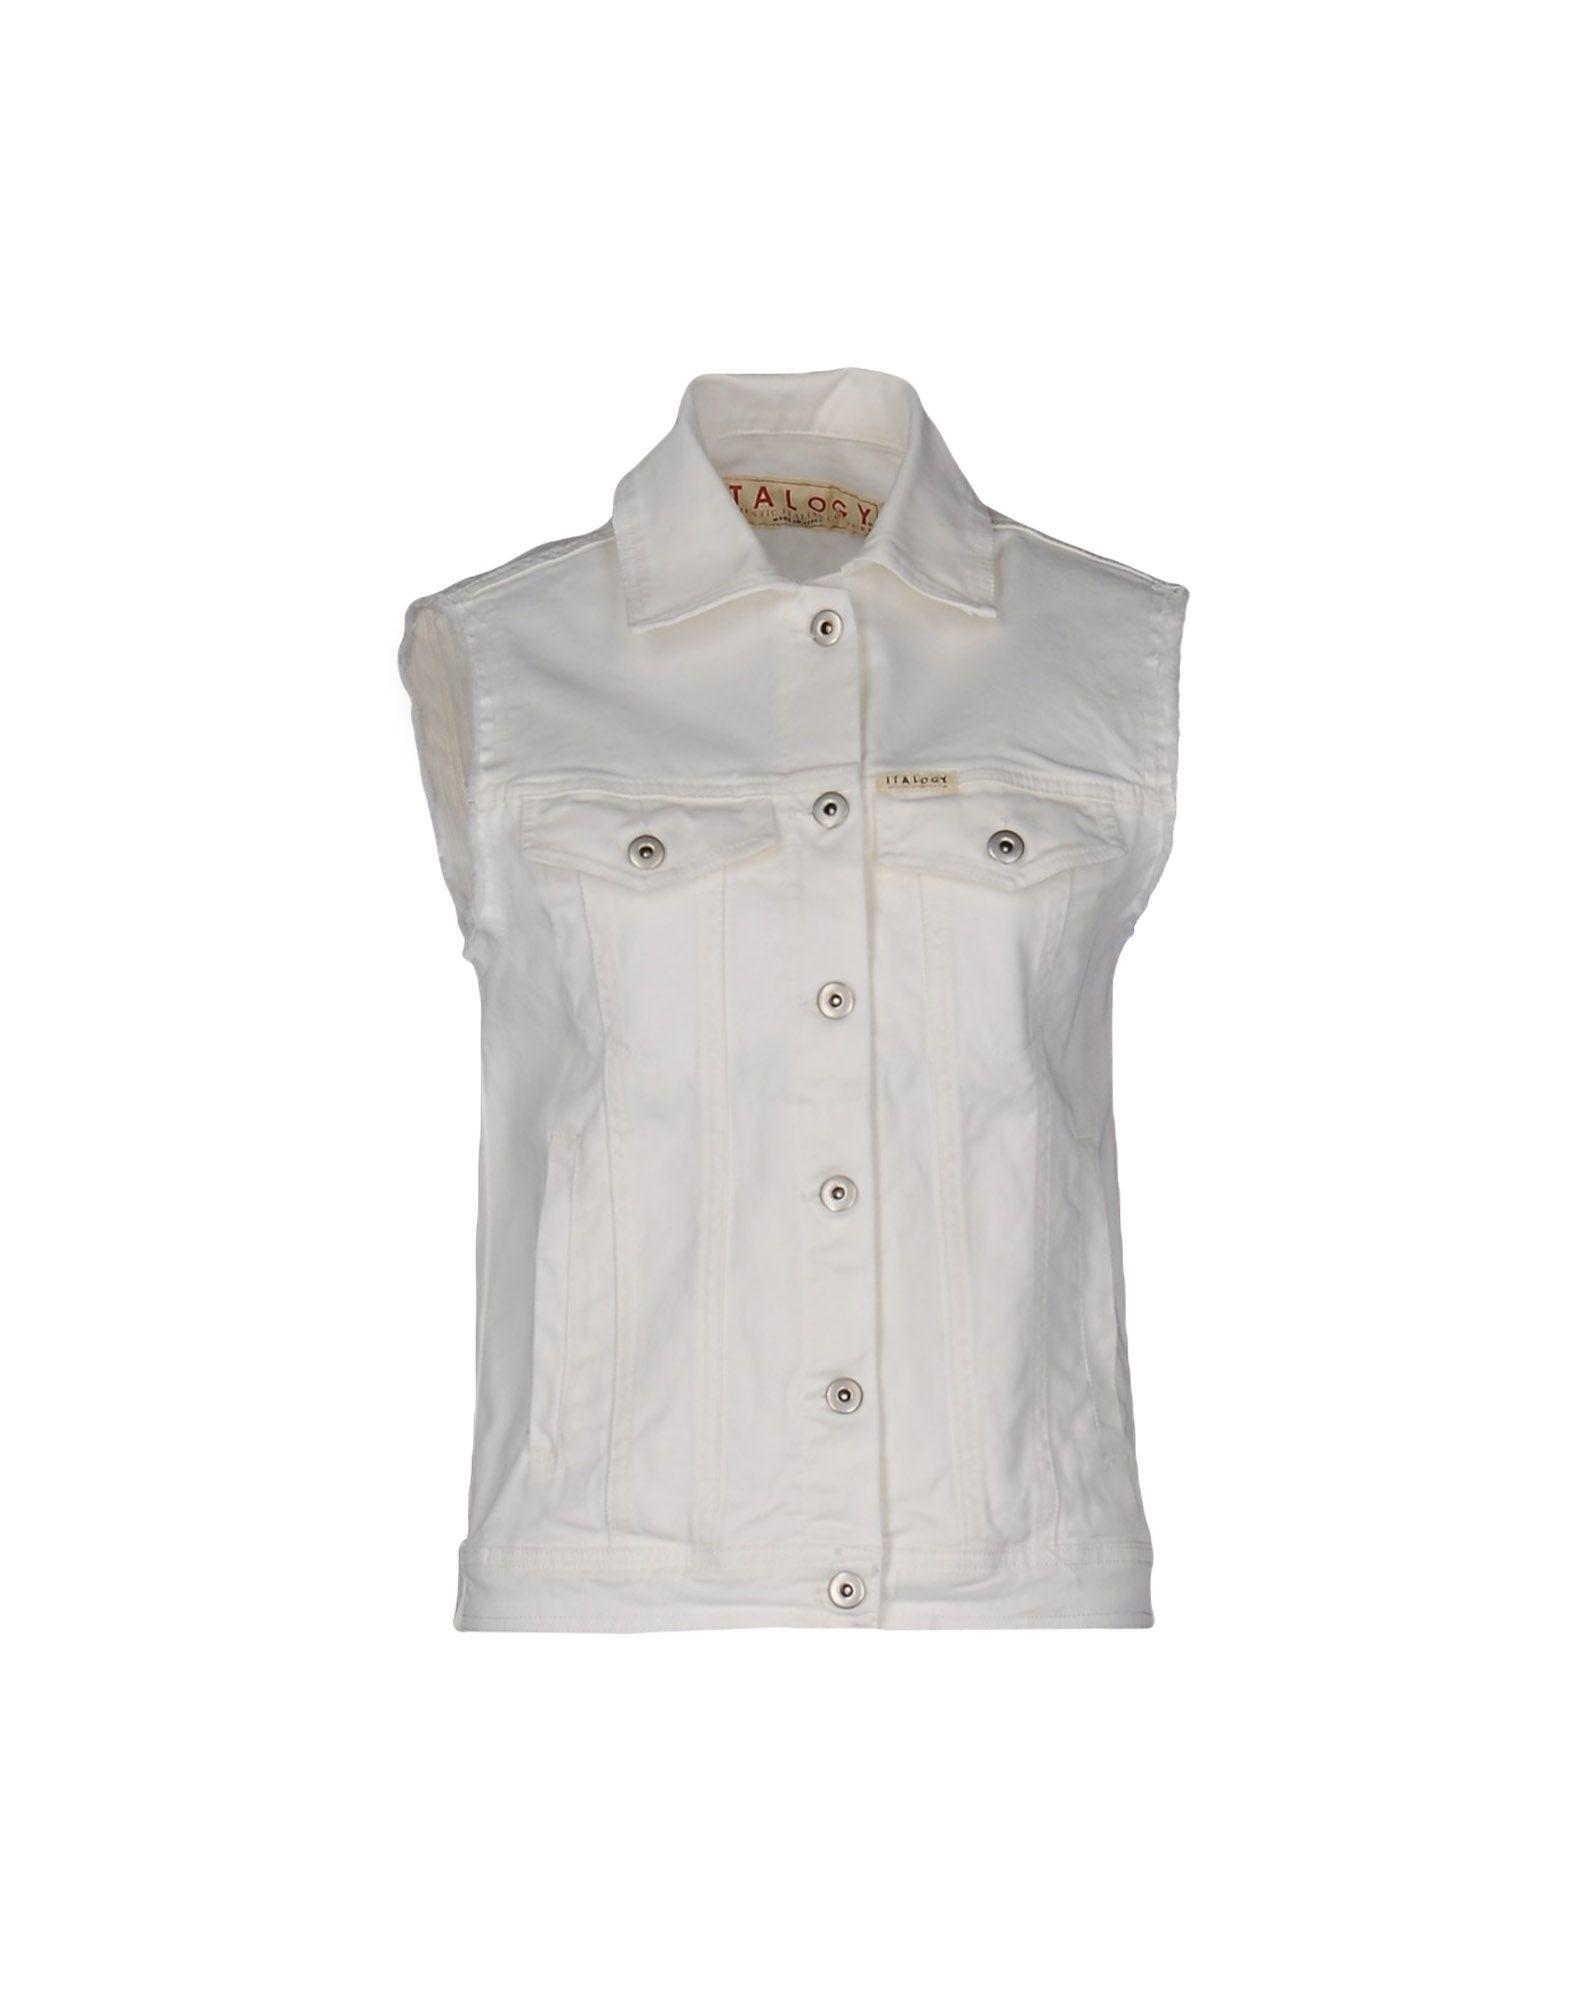 ITALOGY Джинсовая верхняя одежда wrangler джинсовая верхняя одежда